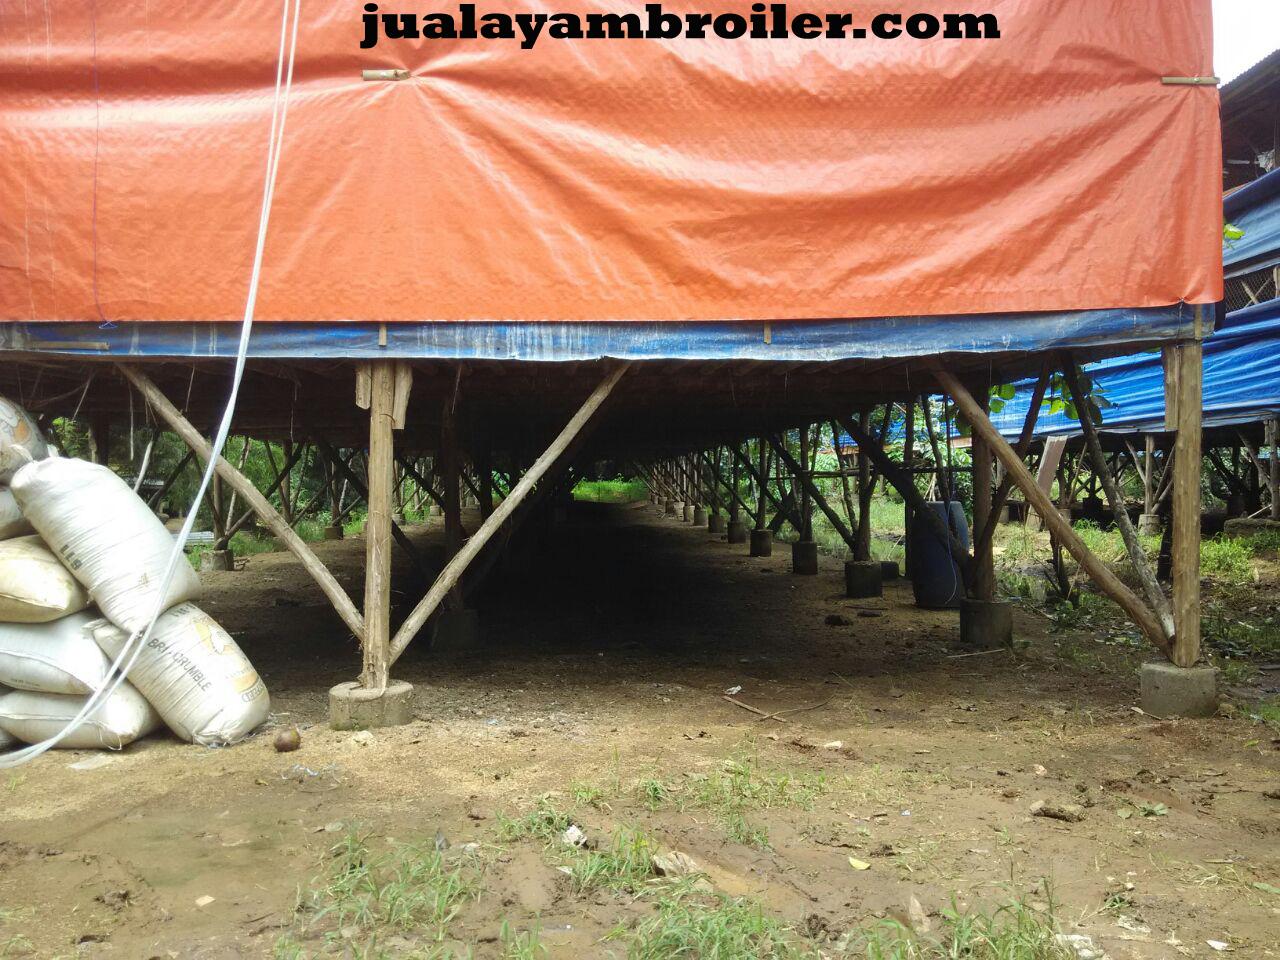 Jual Ayam Broiler di Kebon Manggis Jakarta Timur